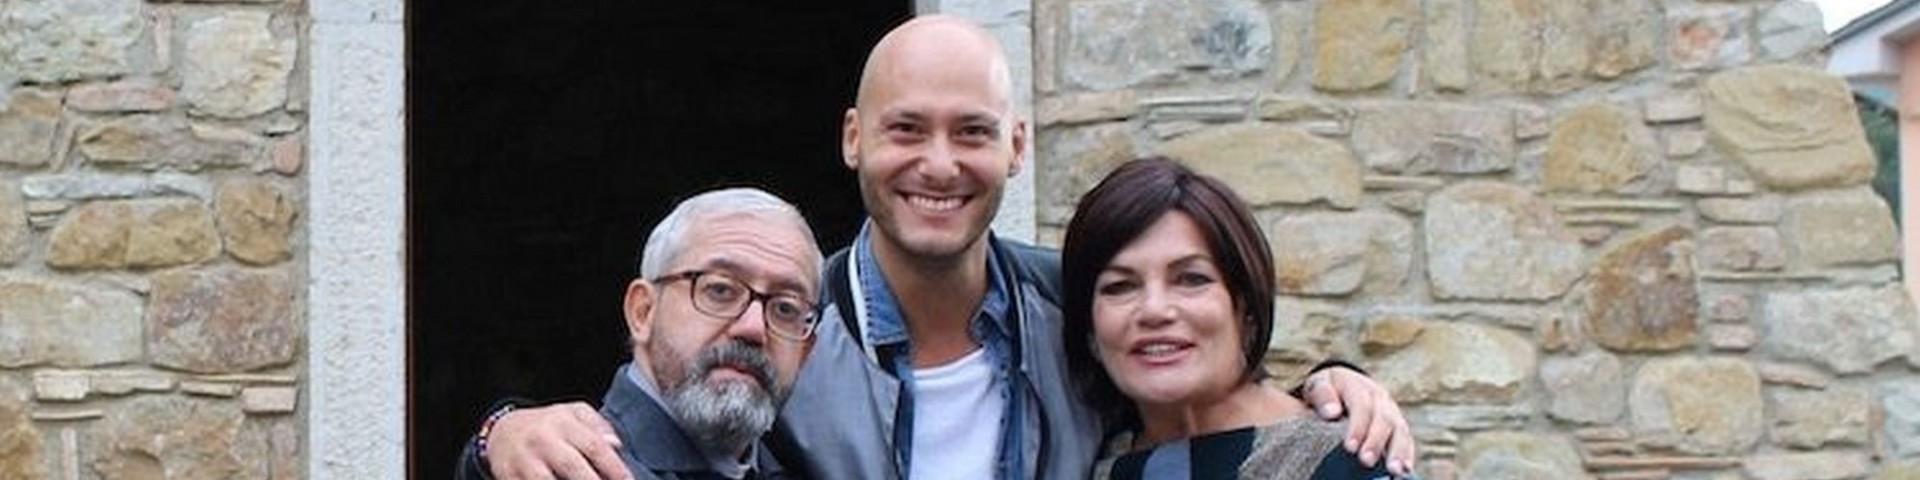 Mai per sempre: interviste a Cristina Donadio e Fabio Massa (Video)